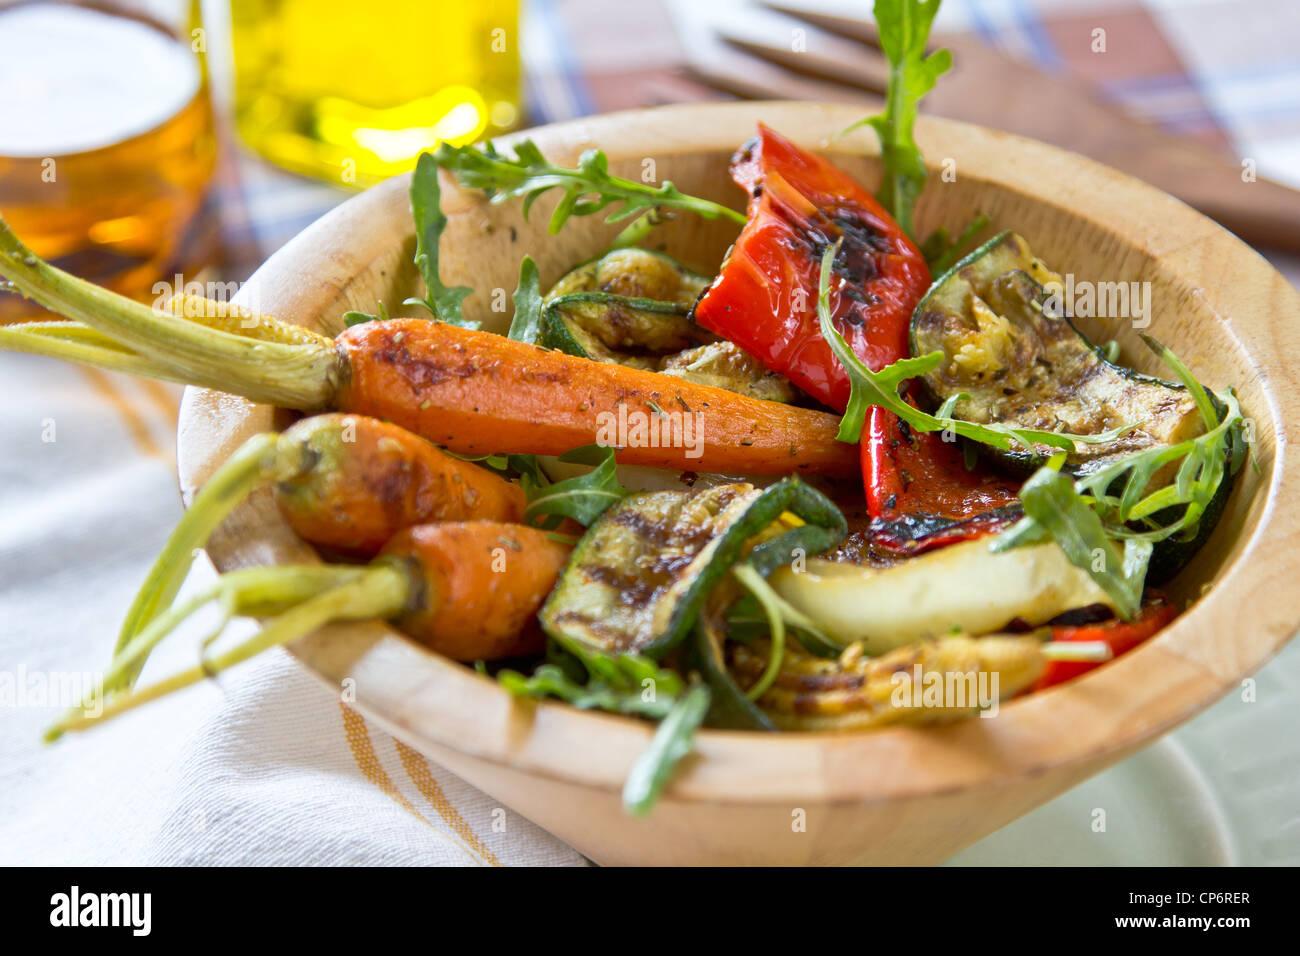 Ensalada de verduras asadas Imagen De Stock